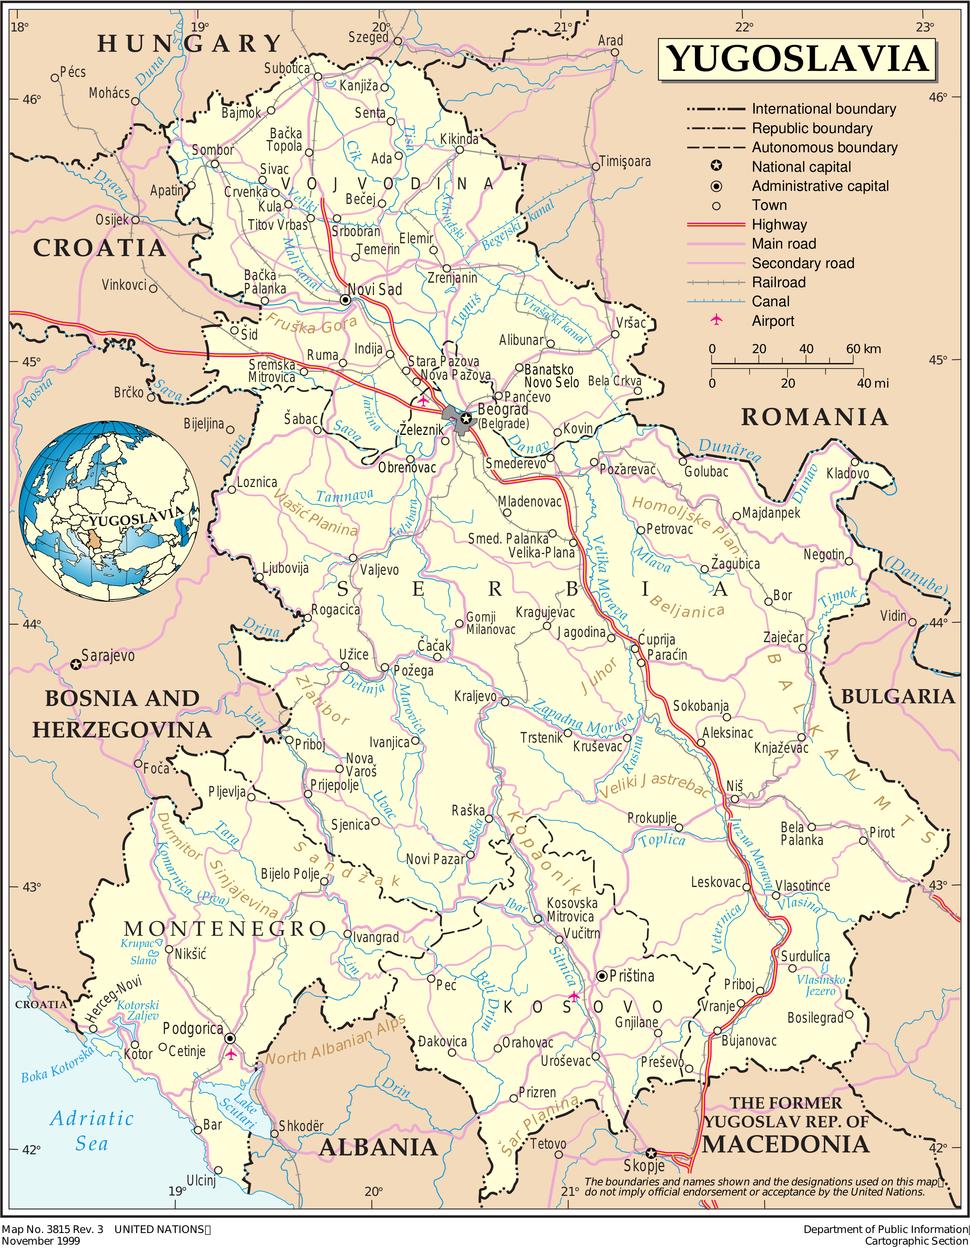 Yugoslavia 1999 UN map